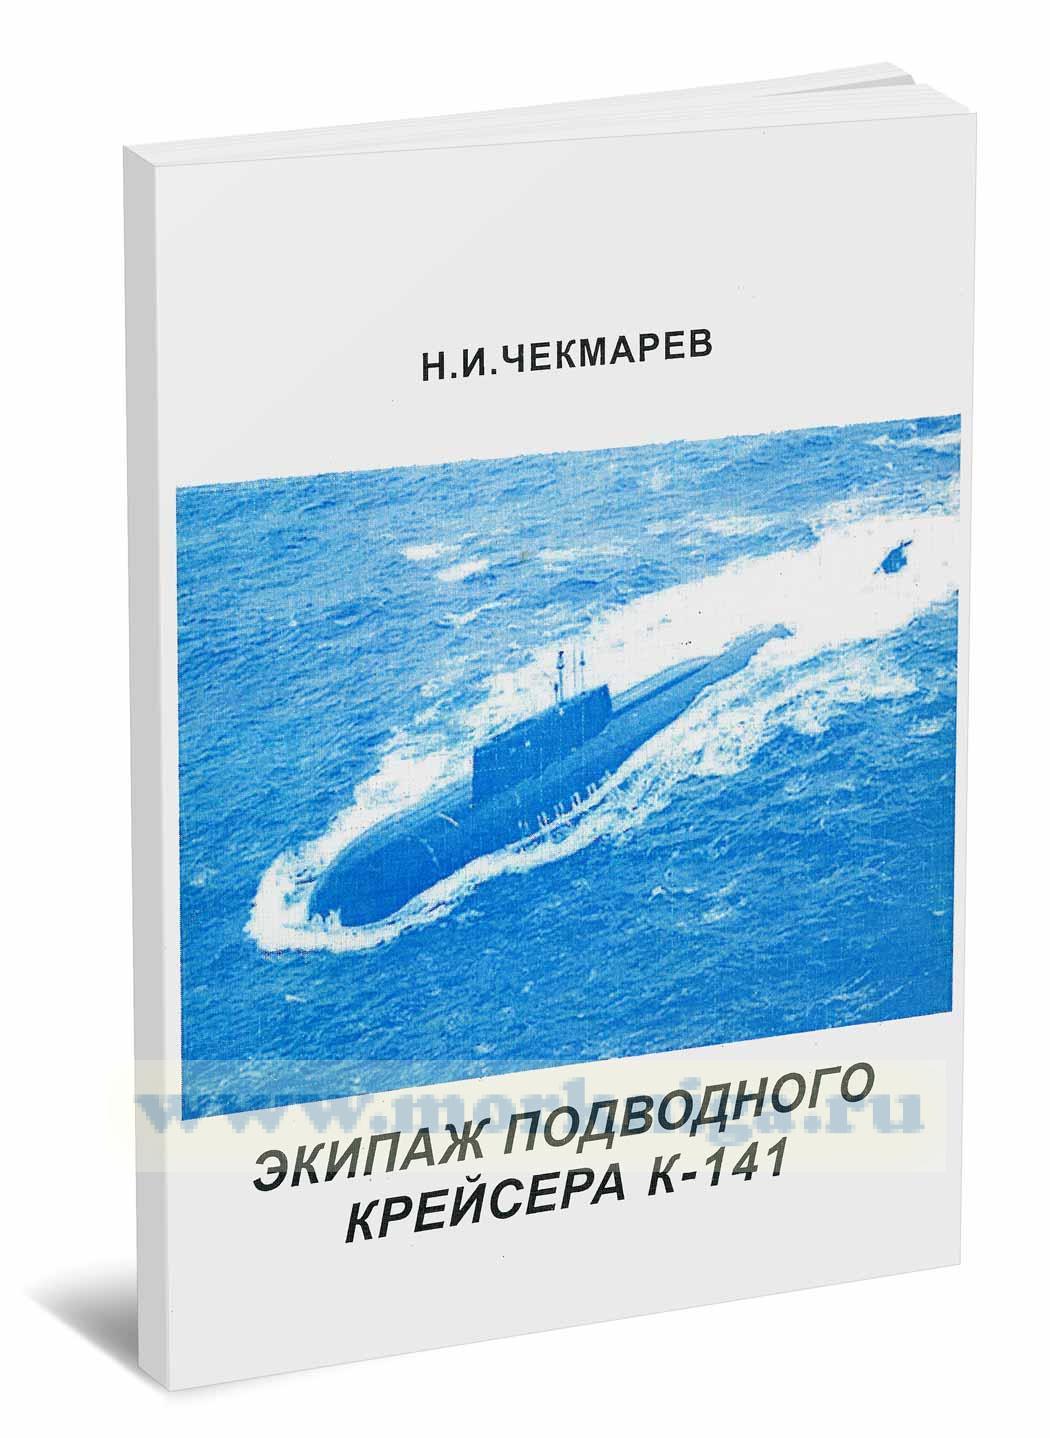 Экипаж подводного крейсера К-141